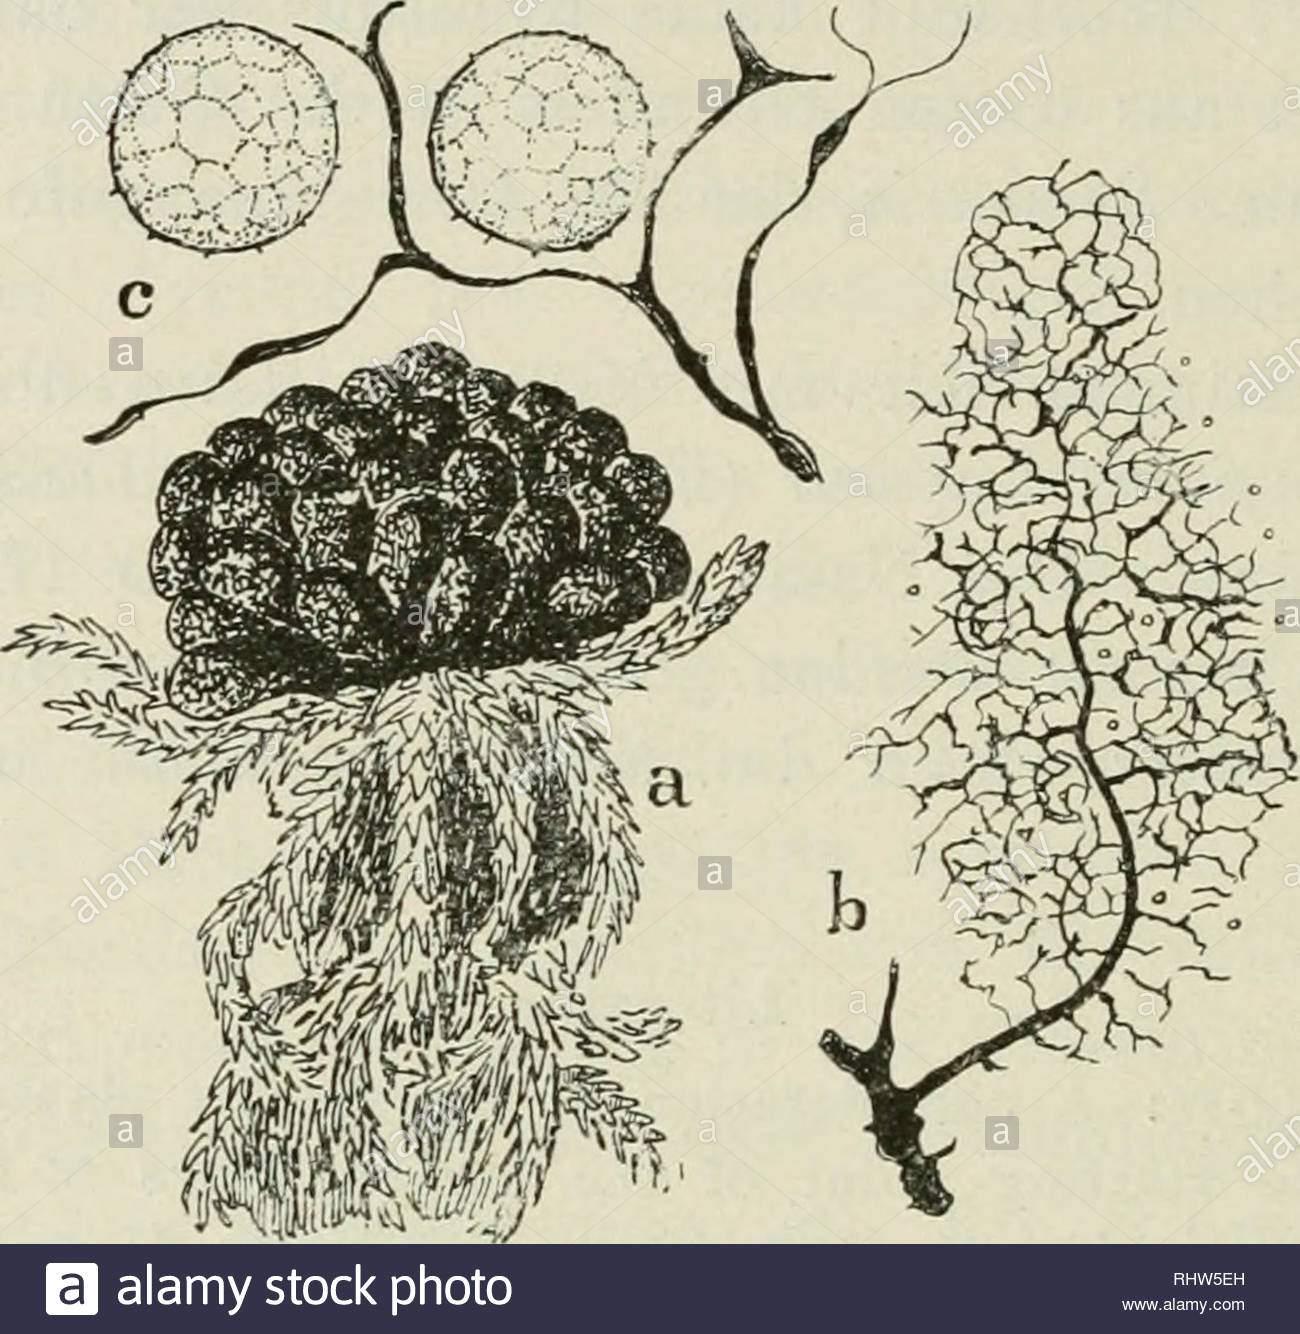 berichte der deutschen botanischen gesellschaft plants plants germany 394 e jahn darber waren jahre vergangen als mir im september 1918 herr dr l peters bei einem unserer ausflge mitteilte er habe im moor hinter paulsborn einen myxomyceten gefunden den er fr badhamia lilacina halte eine probe zeigte richtigkeit der bestimmung ich sah jetzt ein da ich durch zeitangabe von hennings irregefhrt worden war im sommer 1919 besuchte ich in begleitung der herren peters duysen und osterwald fundstelle wieder wir konnten auf sphagnum nicht nur sporangien in menge RHW5EH